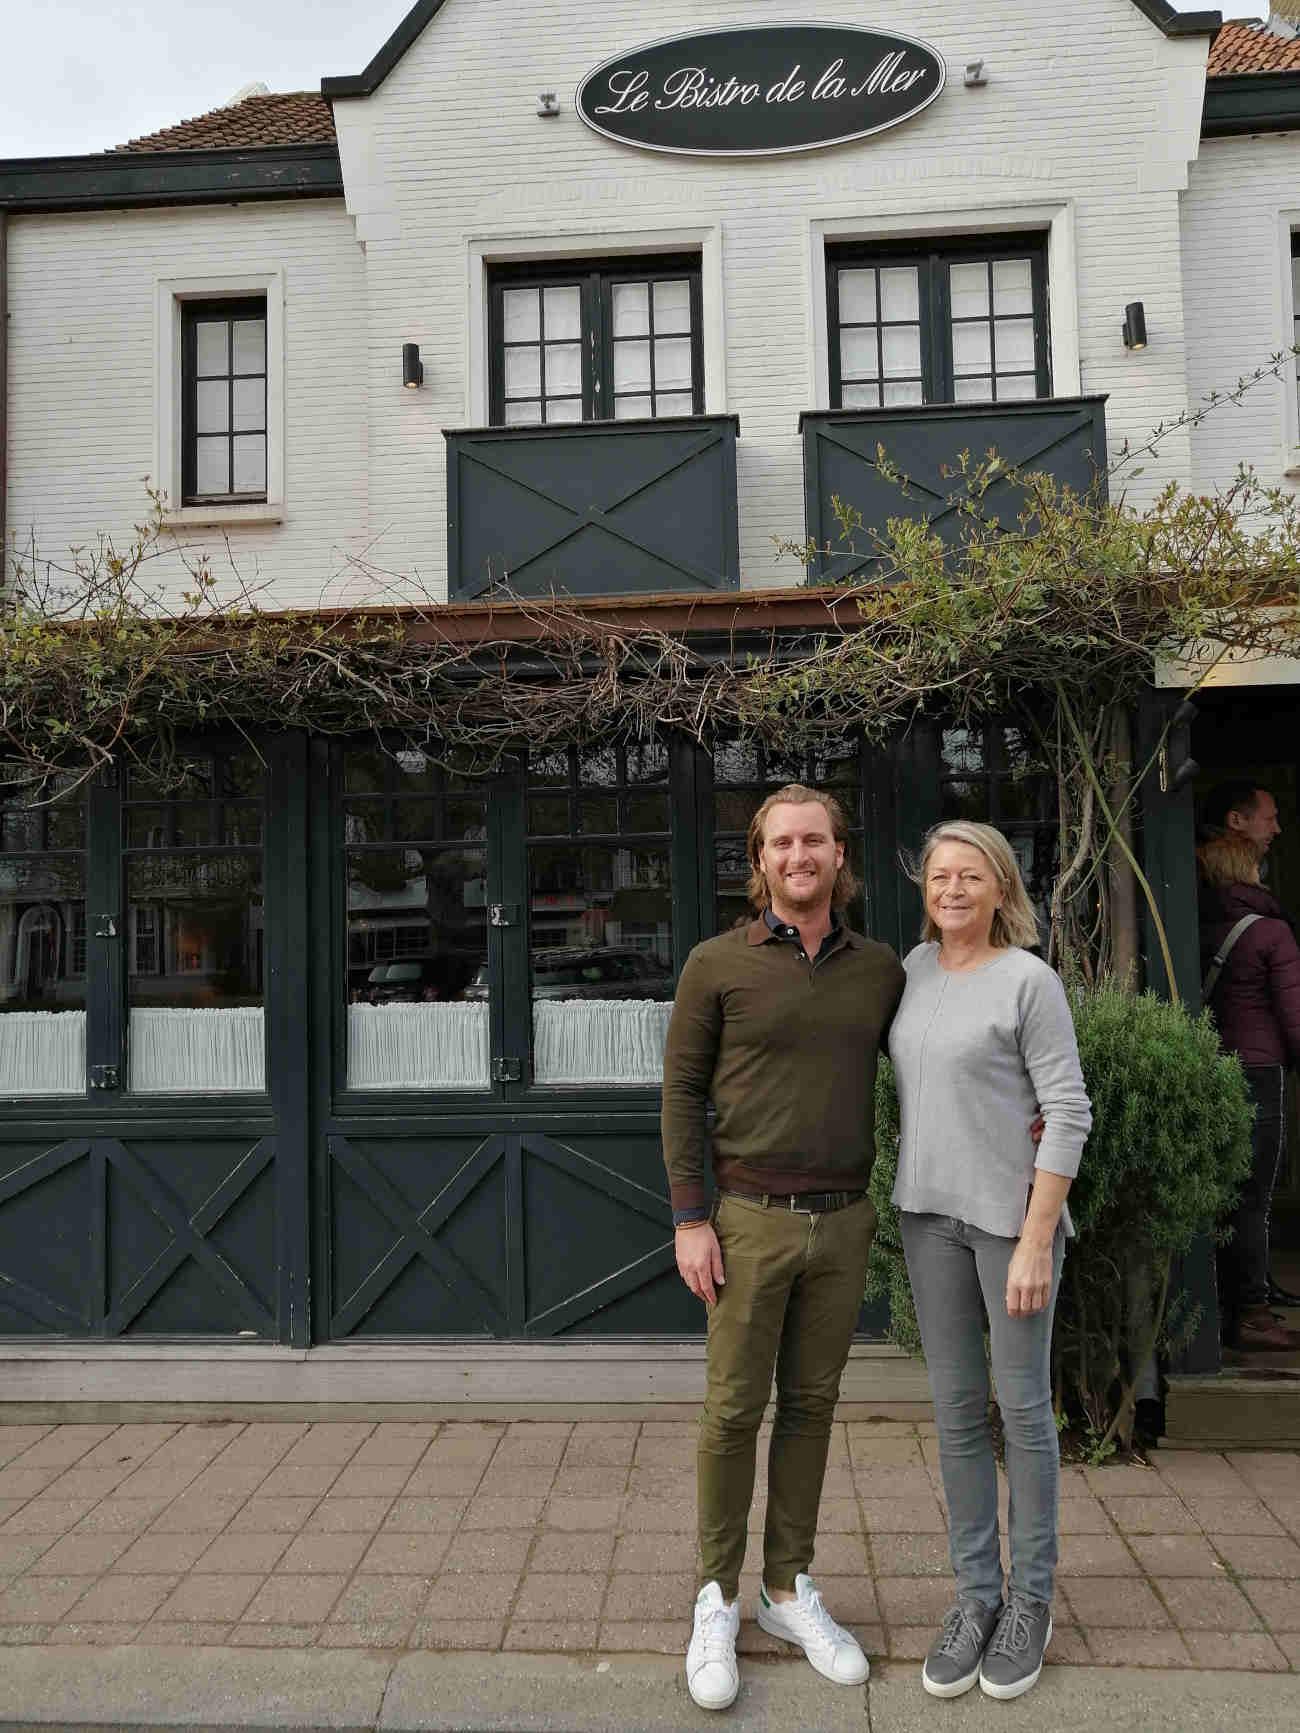 Simon Otte en Christine Vanderhaeghe, stiefzoon en vrouw van Jef De Gelas, leiden vandaag Le Bistro de la Mer in Knokke.